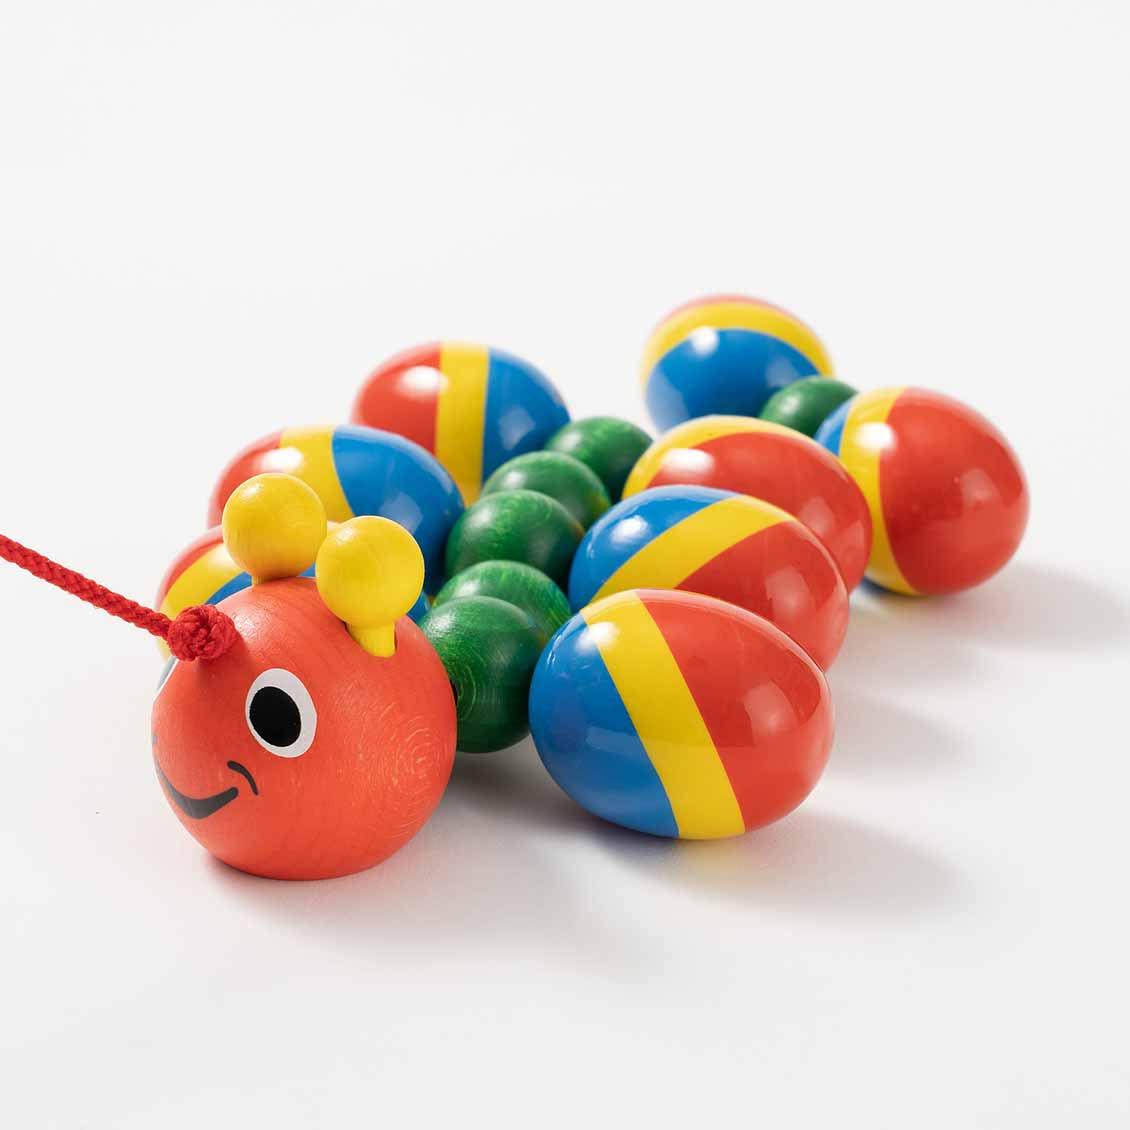 おもちゃ 0 歳 手作り 0歳の発達をドンドン伸ばす知育玩具&おもちゃ30選!モンテッソーリ教育にも!